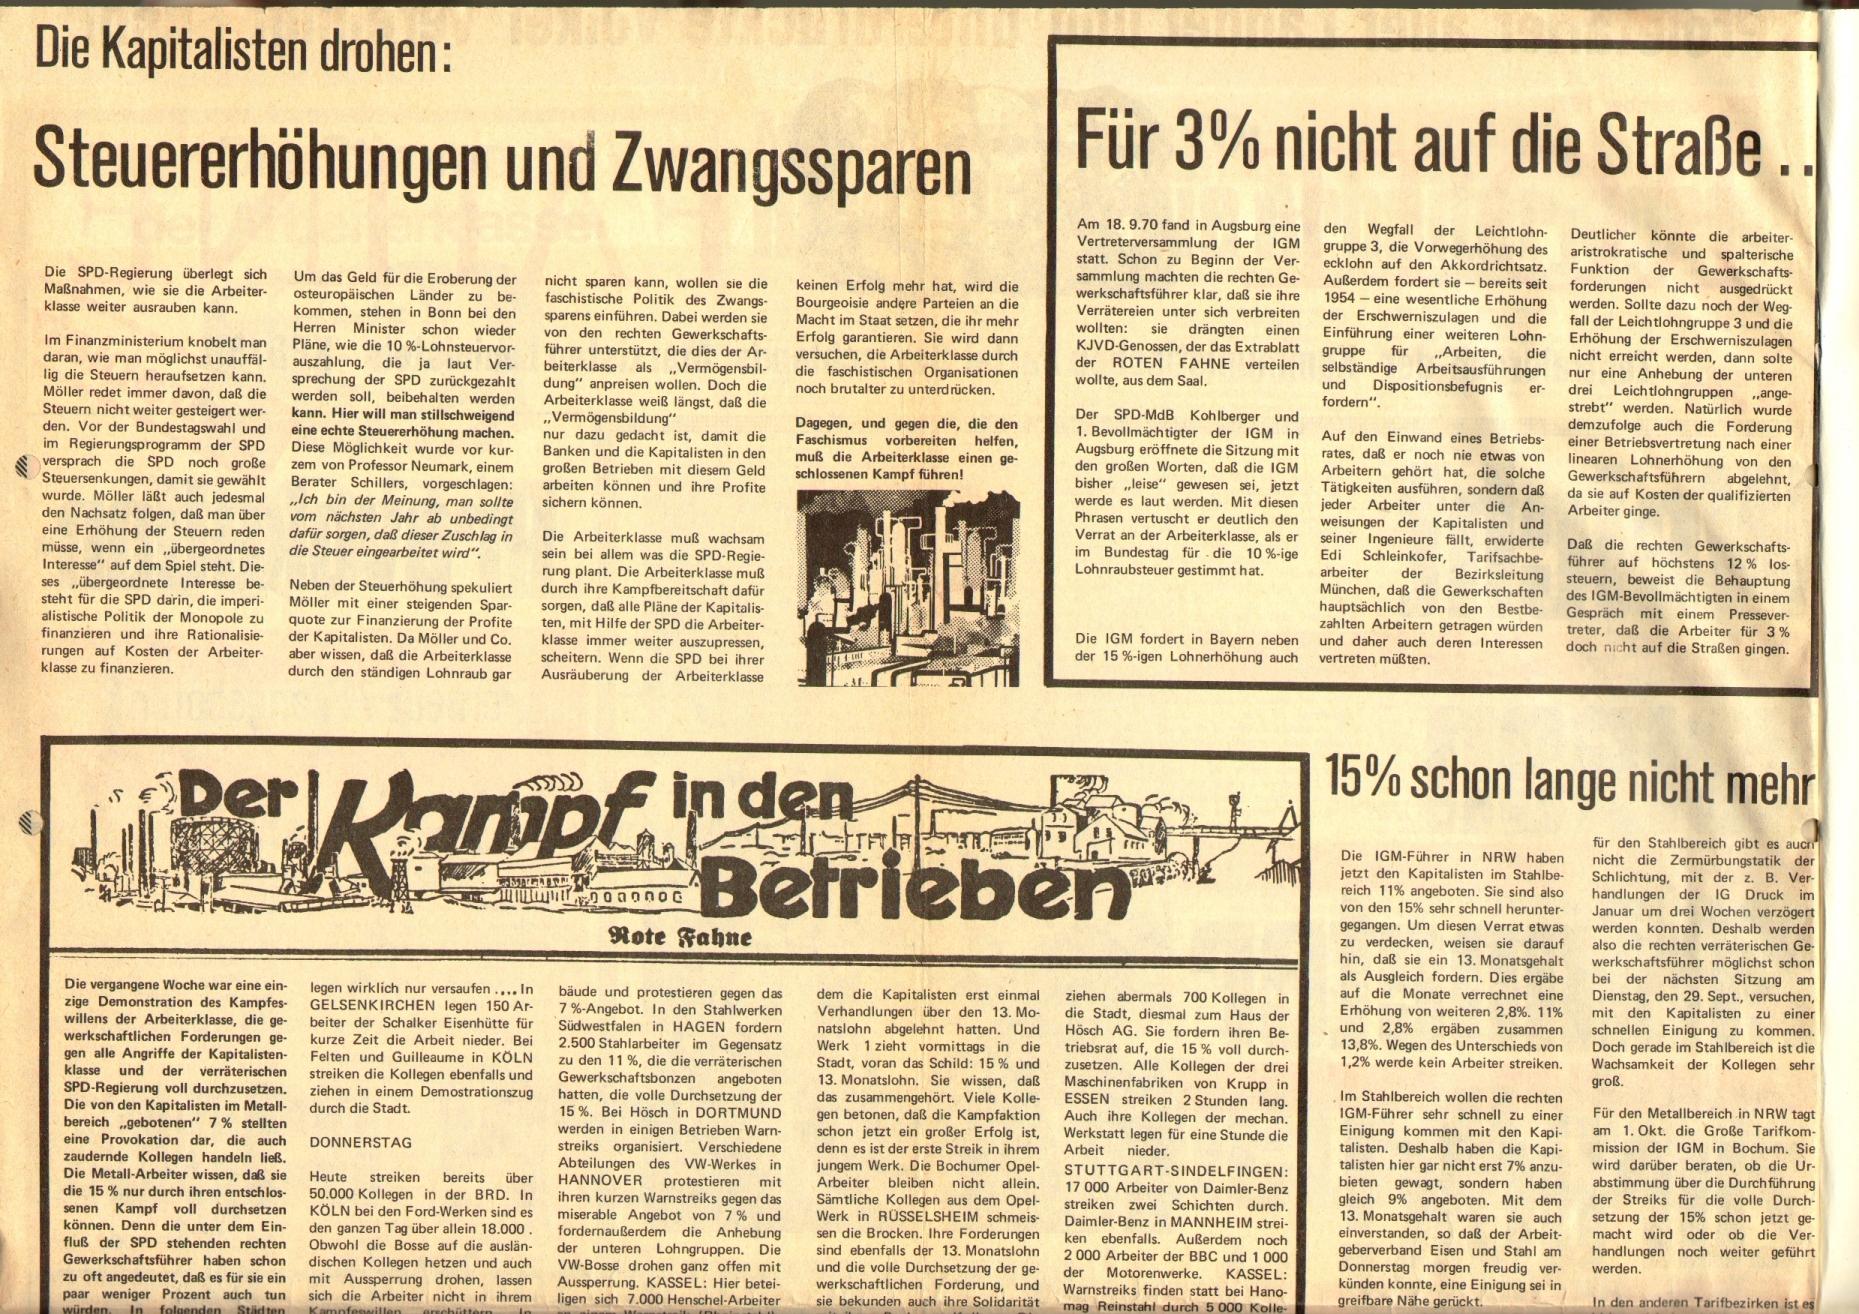 Rote Fahne, 1. Jg., 29. September 1970, Extrablatt, Seite 2 oben